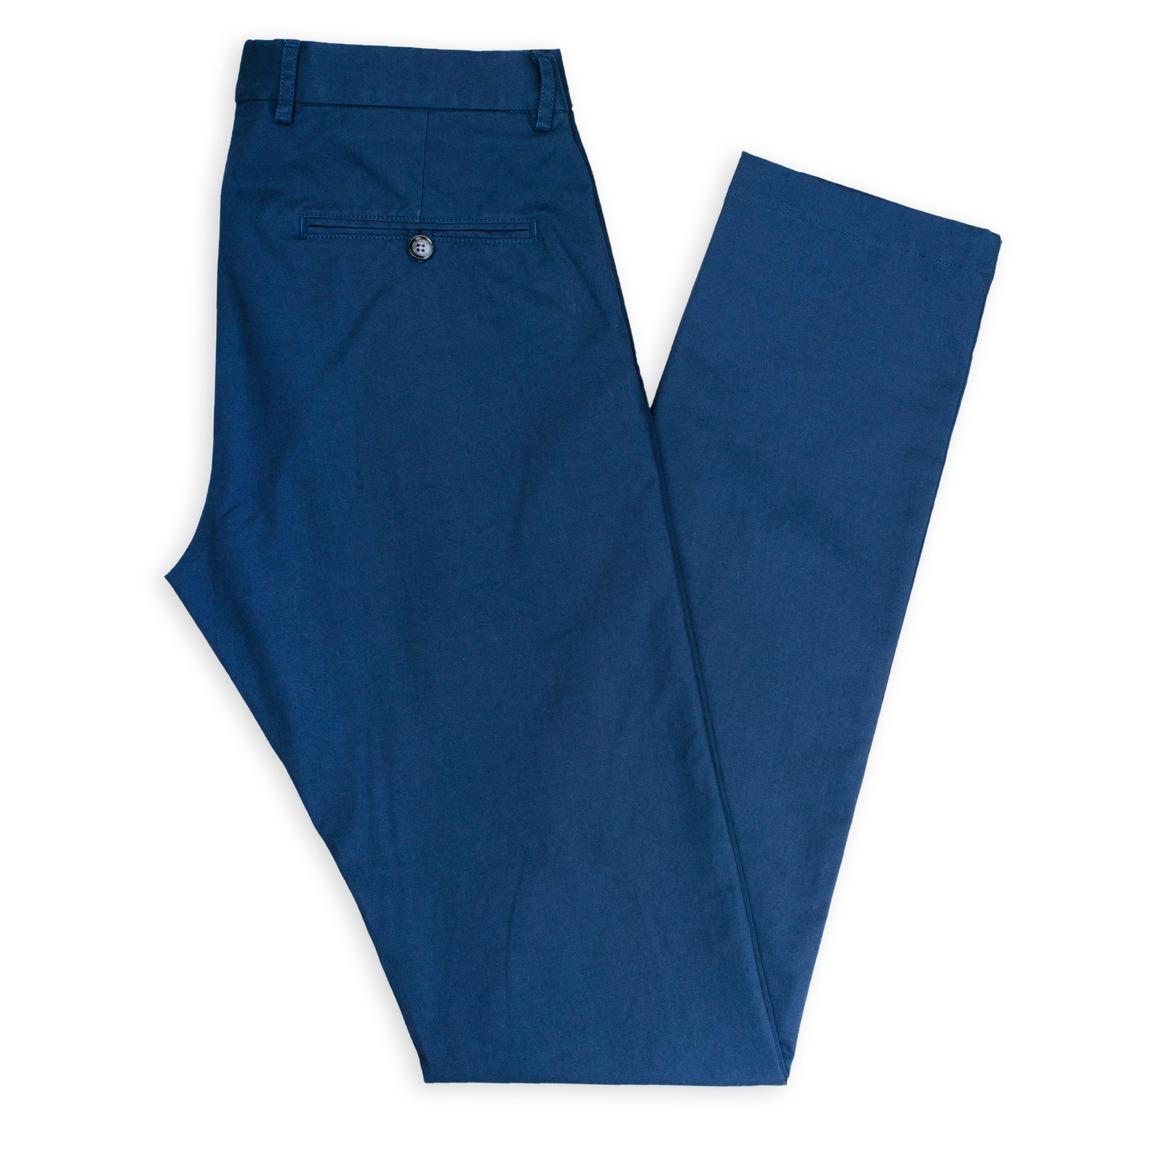 Mørkeblå skræddersyede chinos med stretch